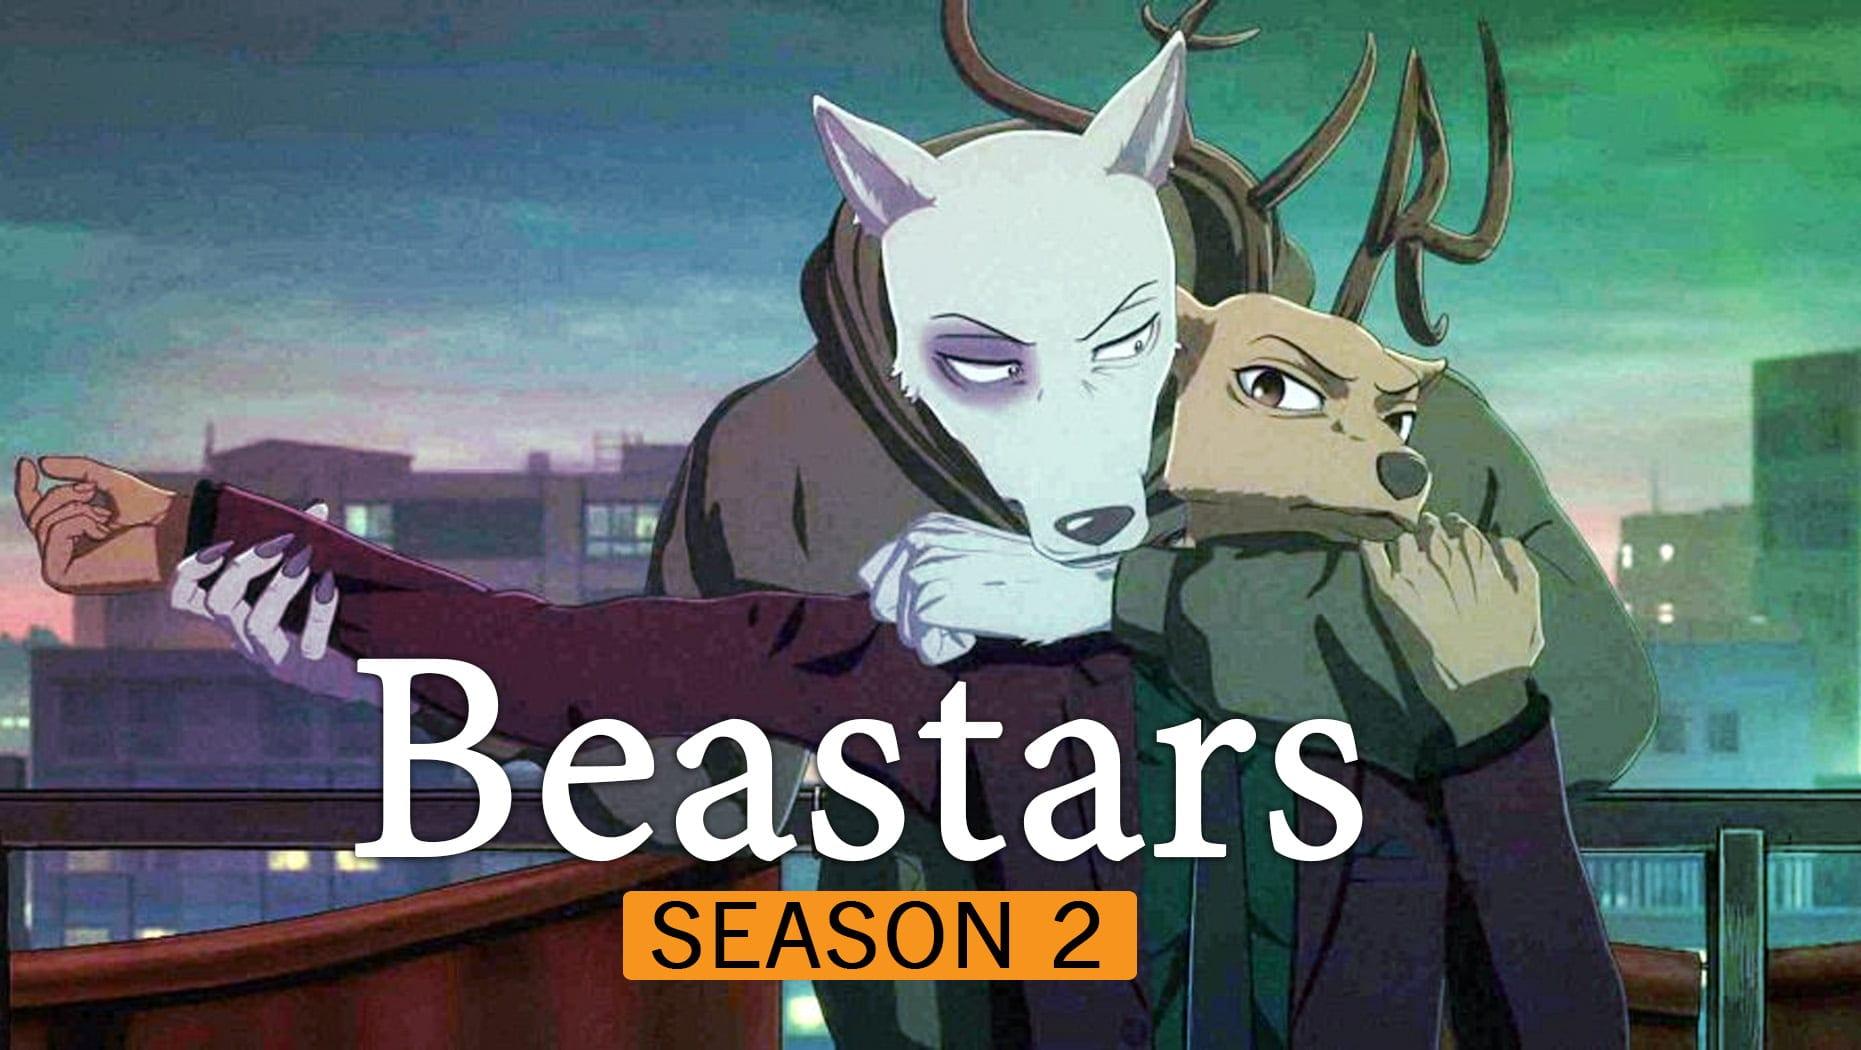 Beastars Season 2 Episode Schedule